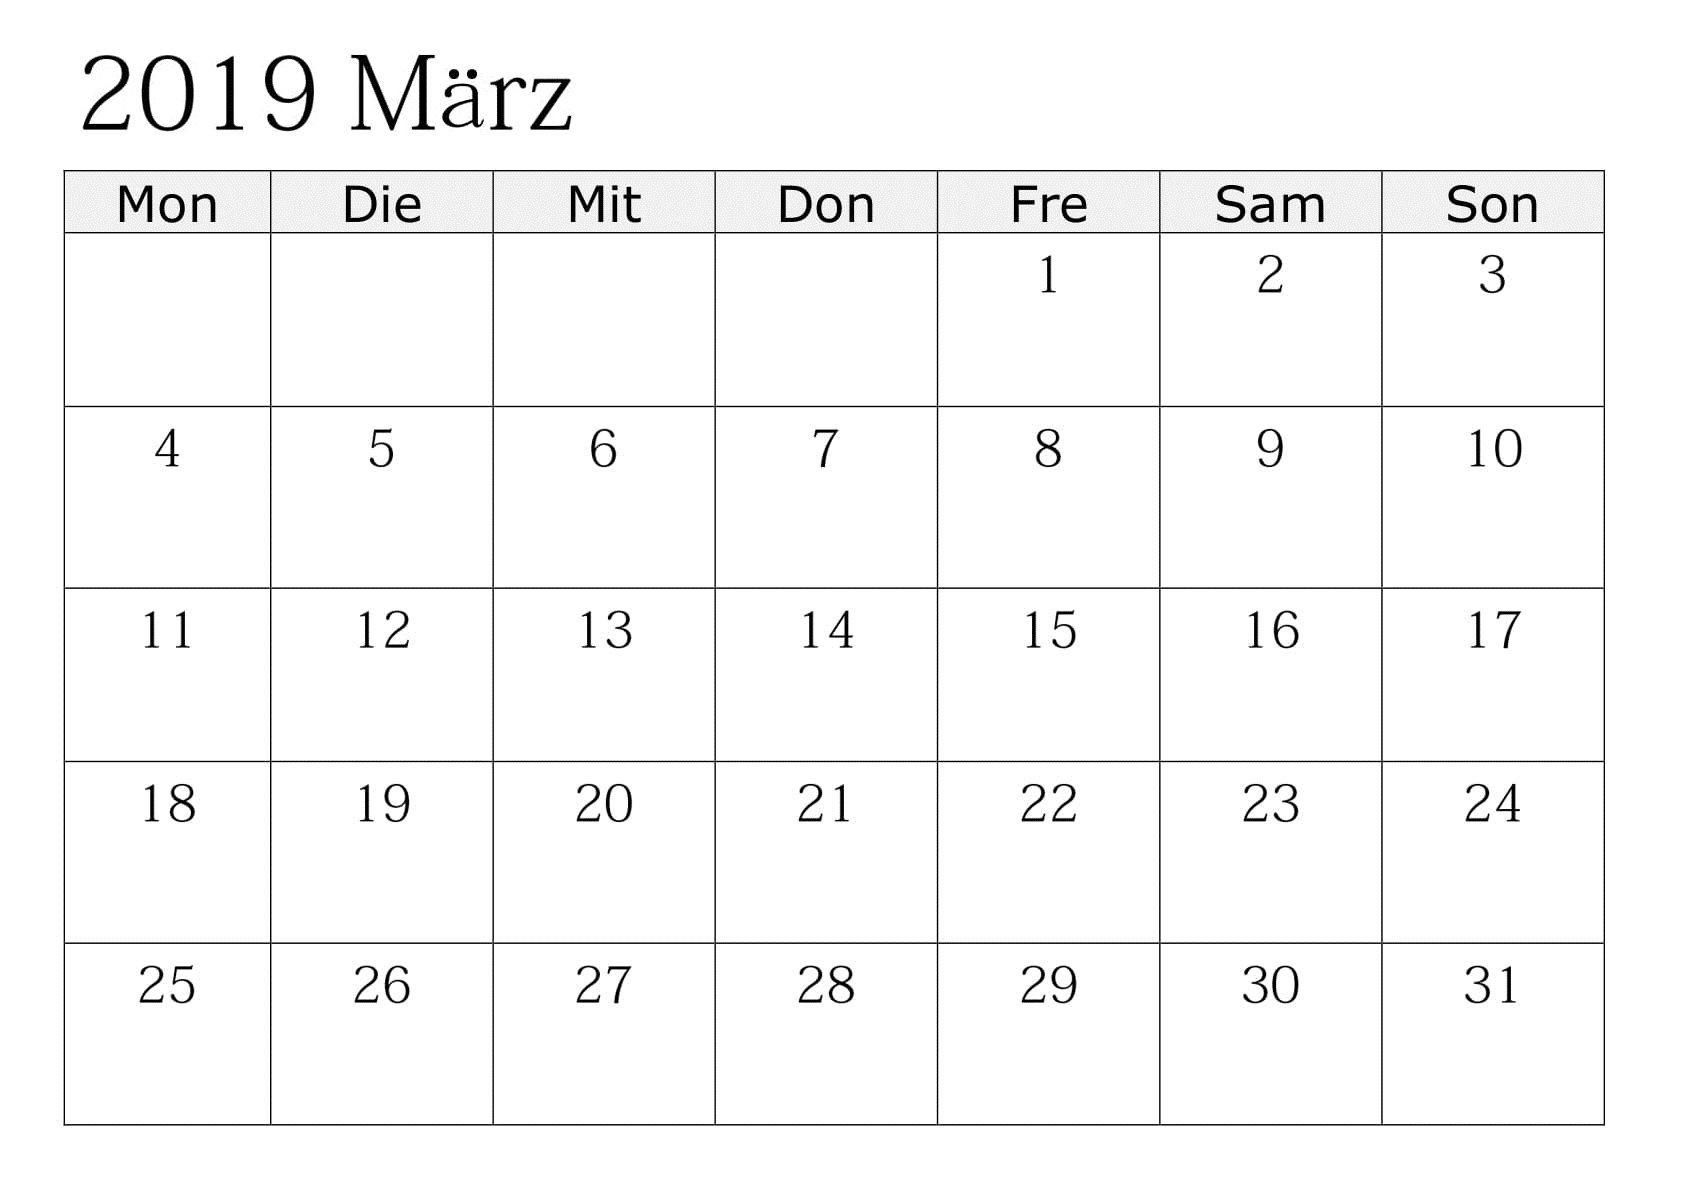 Calendario 2019 Y Feriados Chile Más Recientes Kalender März 2019 Zum Ausdrucken